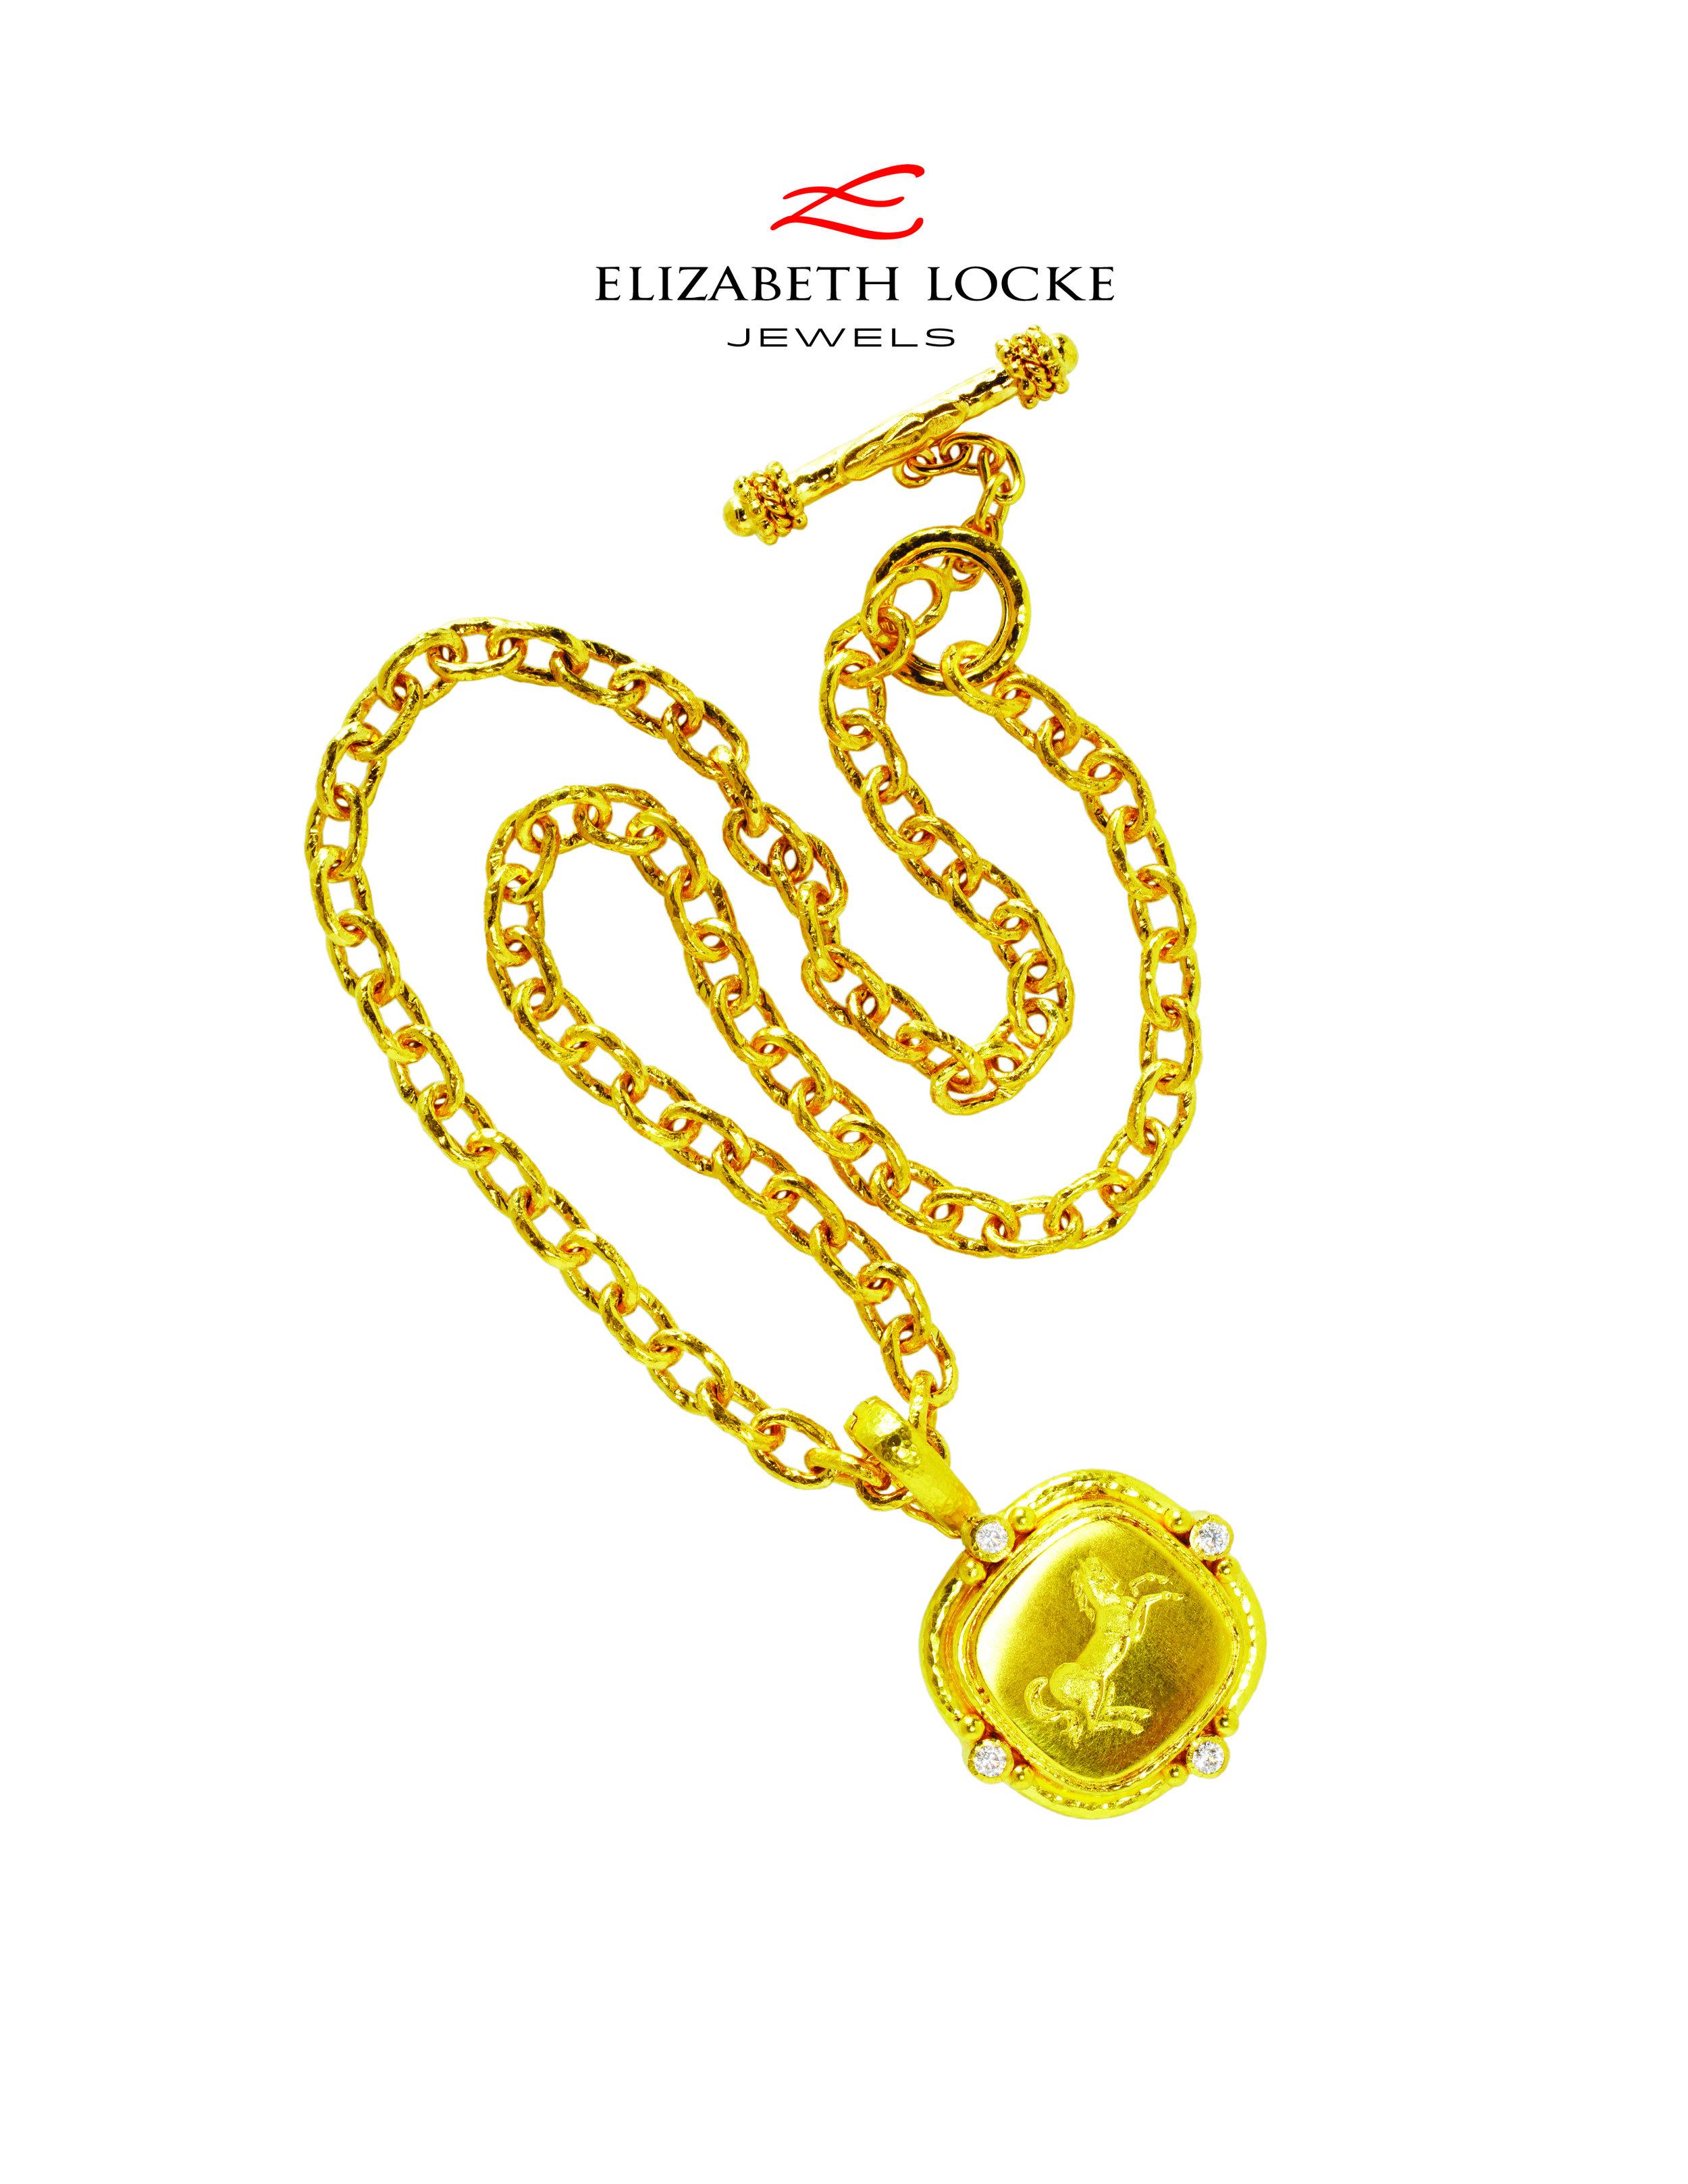 ELJ-Stores-Necklace-CMYK.jpg